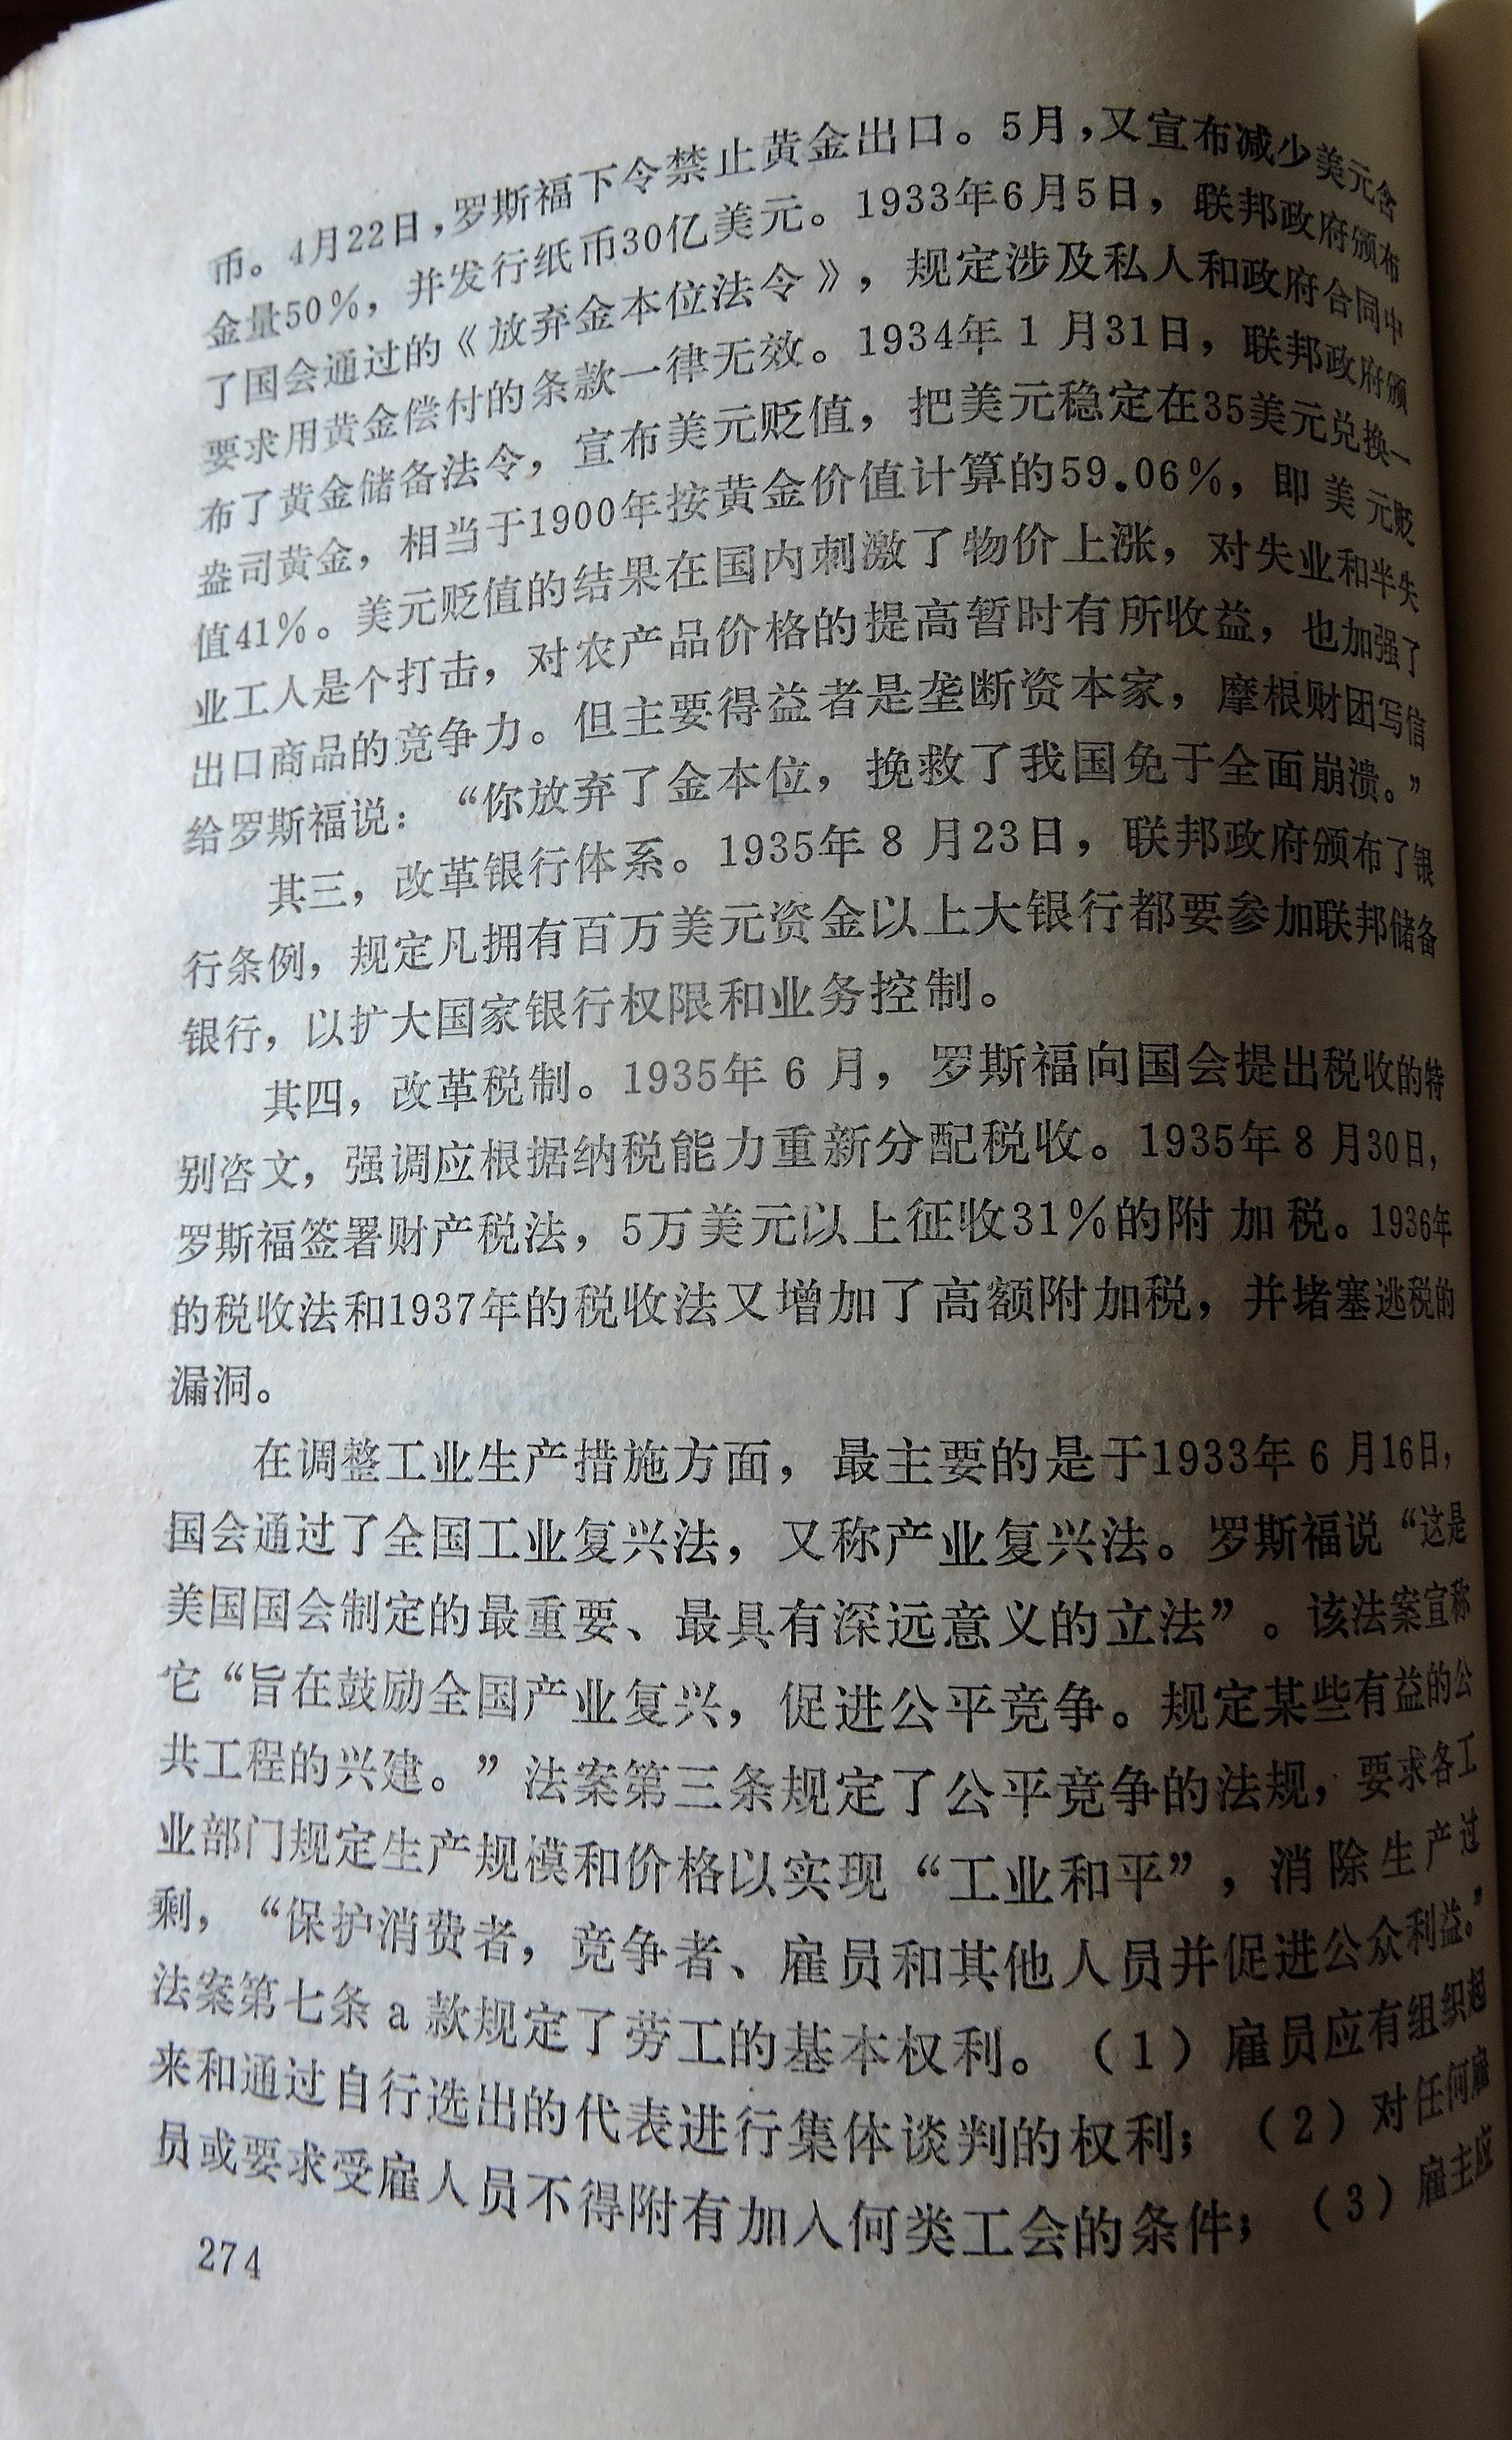 15 DSCN7898.jpg